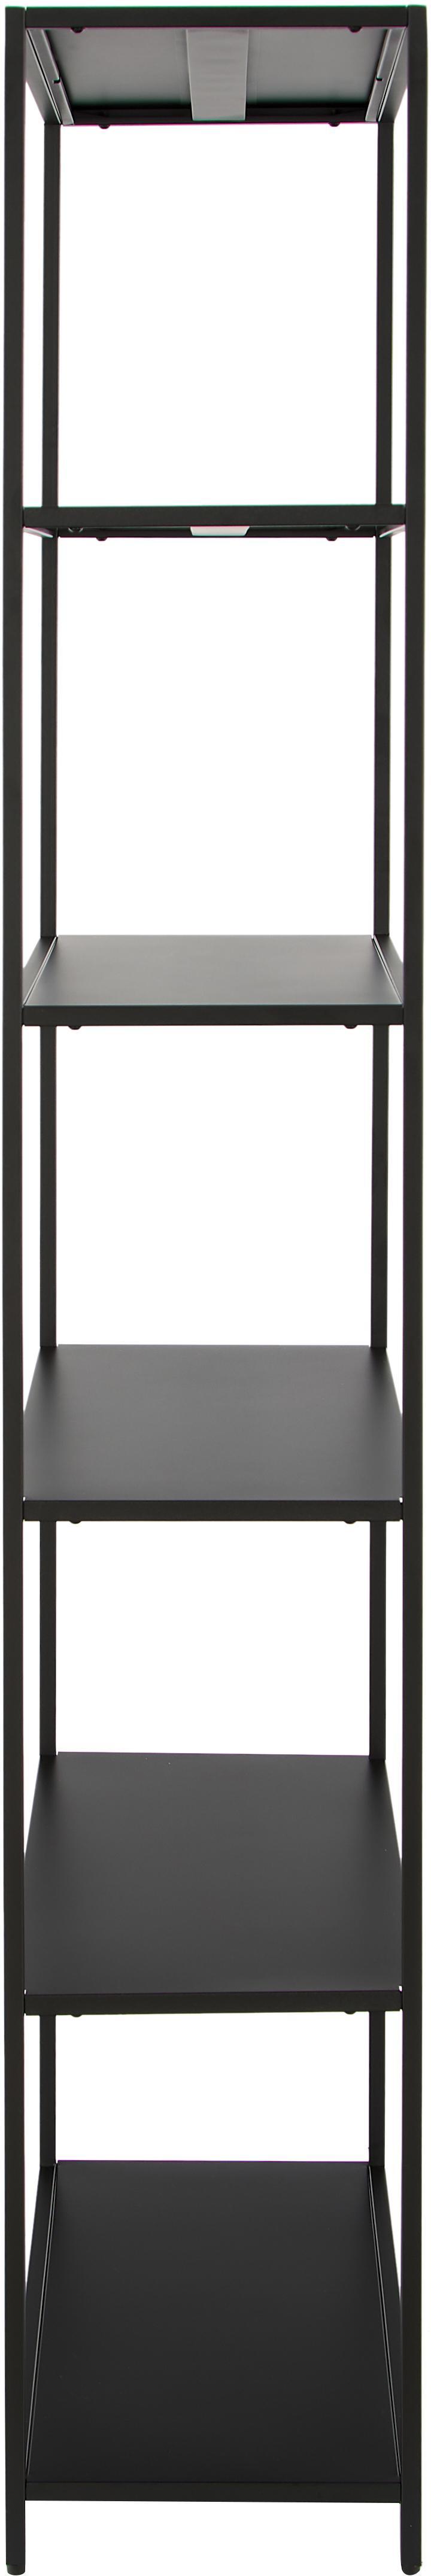 Metall-Regal Newton in Schwarz, Metall, pulverbeschichtet, Schwarz, 70 x 185 cm